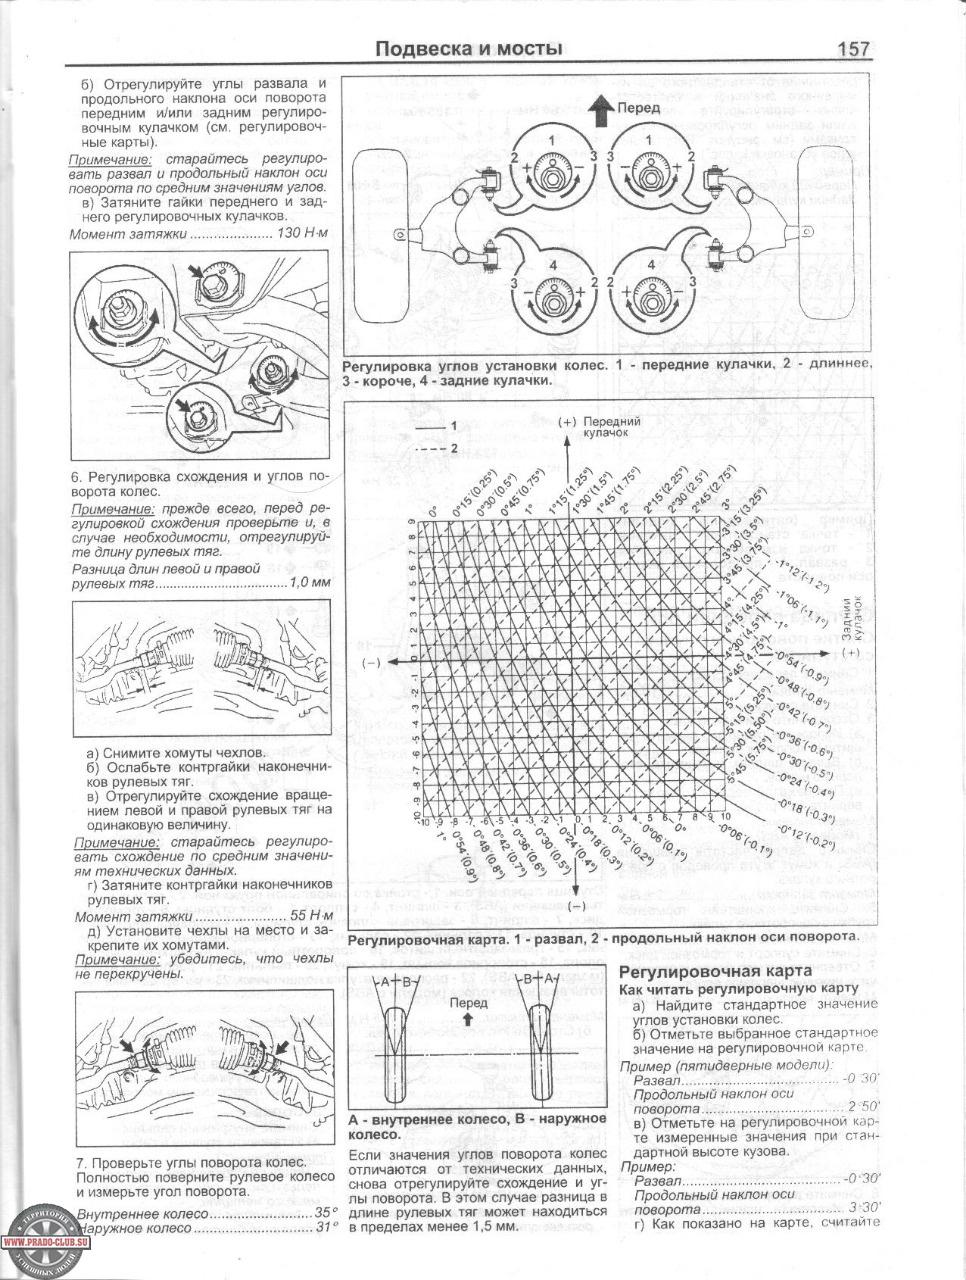 инструкция по ремонту тойота прадо 90 pdf